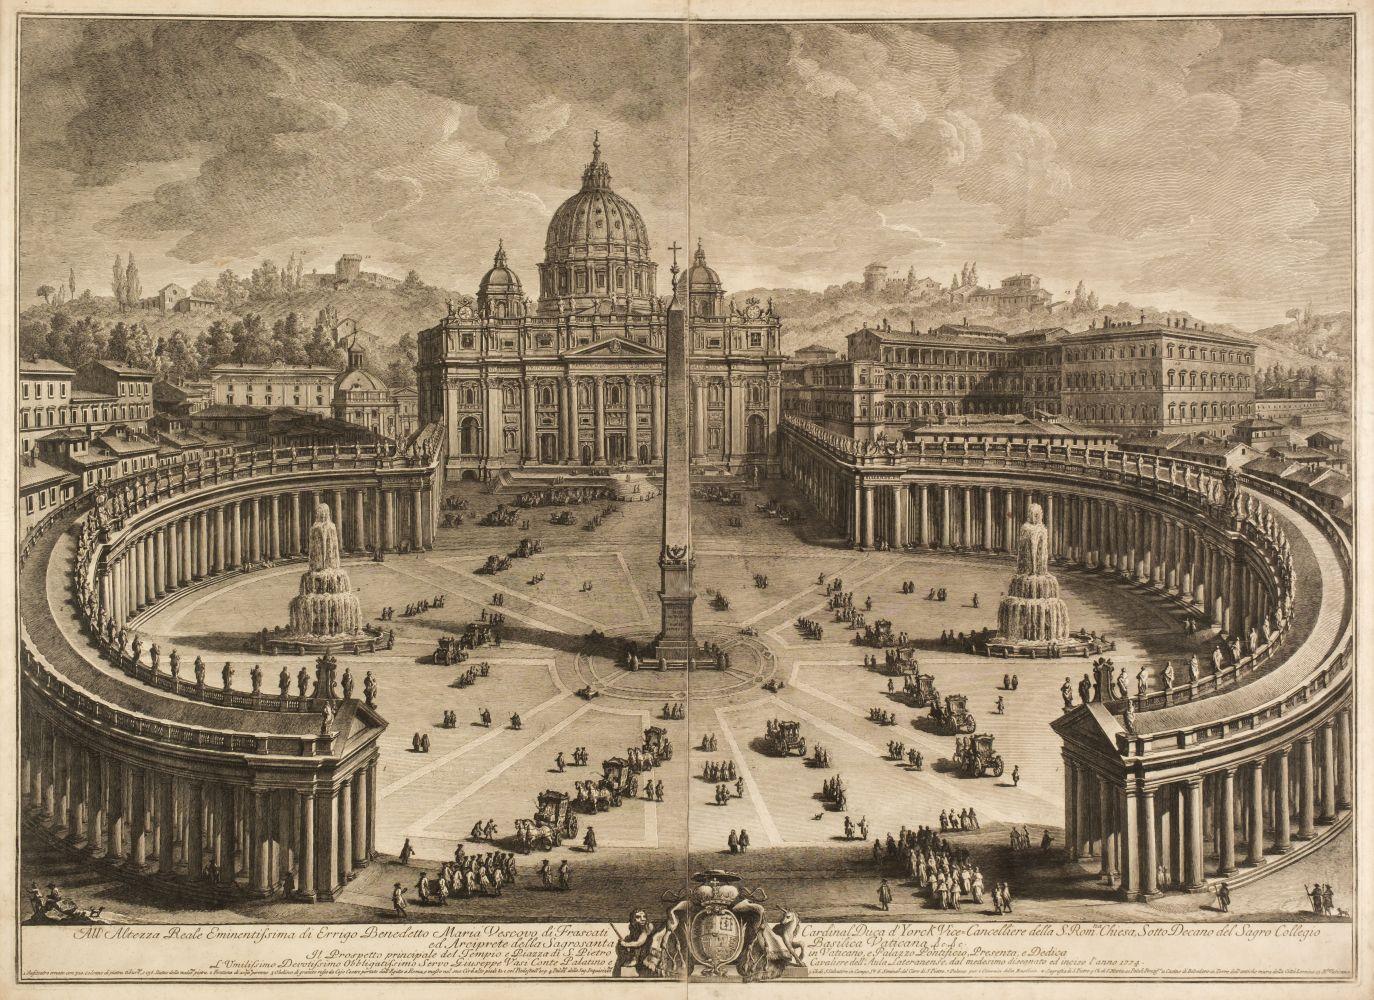 * Vasi (Giuseppe, 1710-1782). Prospetto principale del Tempio e Piazza di S. Pietro, 1774